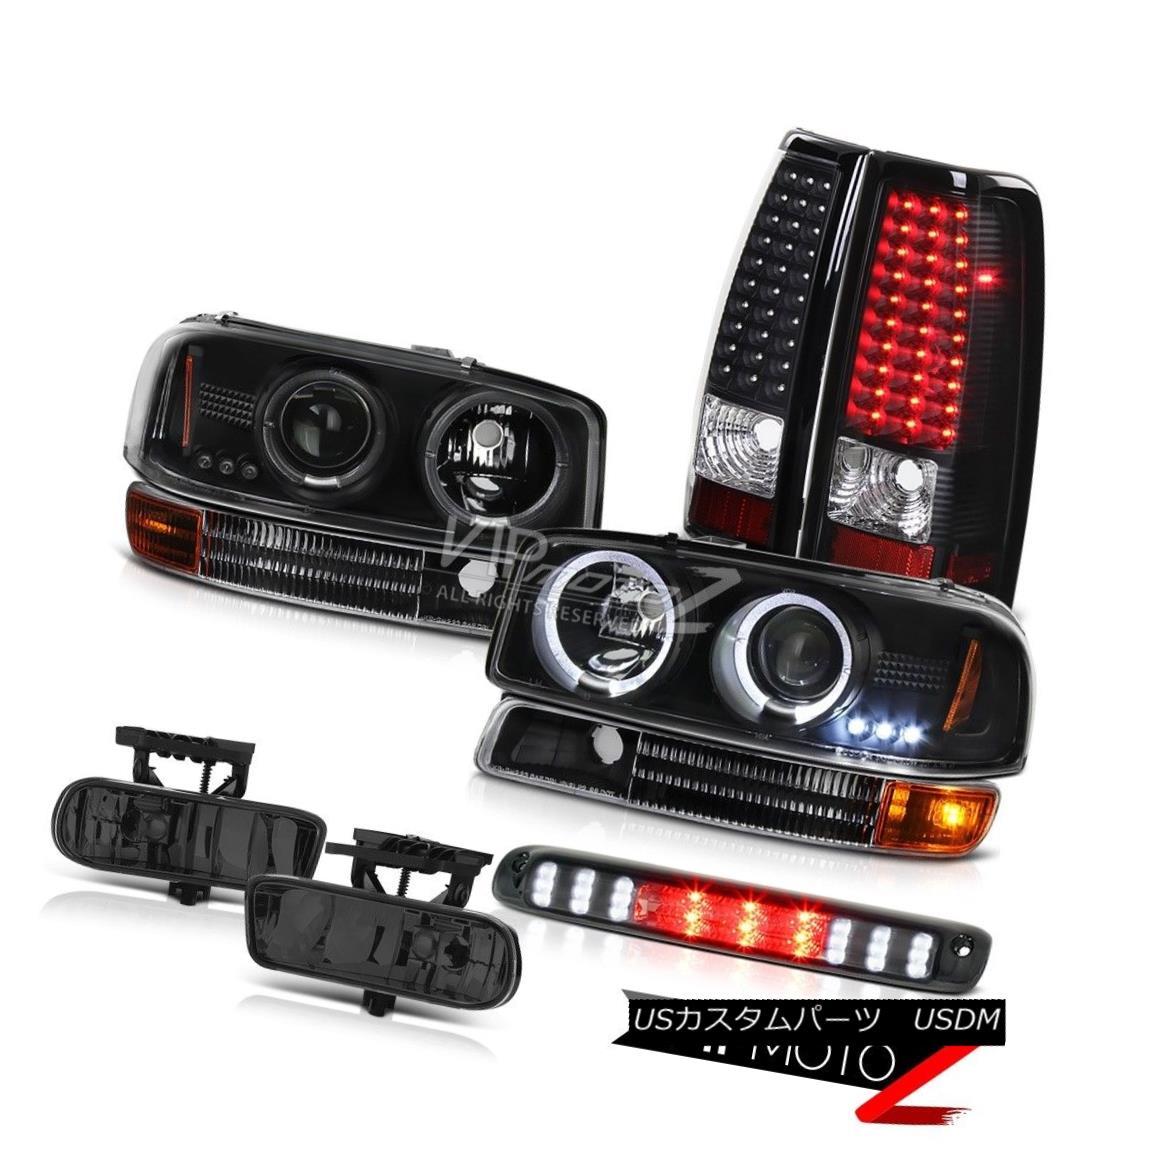 ヘッドライト 99-02 Sierra 5.3 V8 Matte Black Halo LED Headlight Parking Taillight Driving Fog 99-02シエラ5.3 V8マットブラックハローLEDヘッドライトパーキングテールライトドライビングフォグ